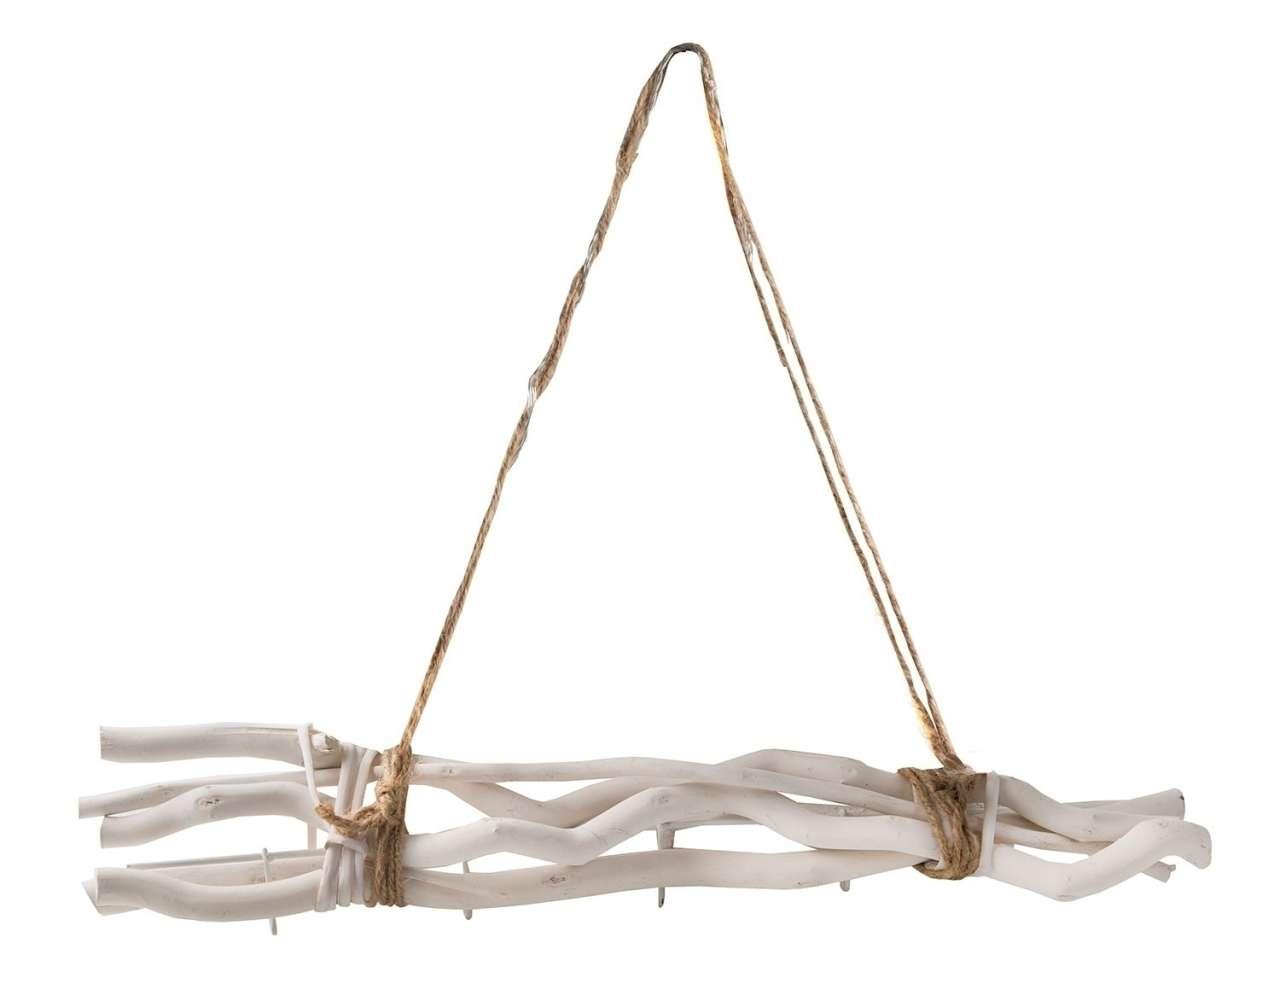 moebel-jack.de Hakenleiste PEDER, Äste Weiß lackiert, 5 Haken, mit Seil zum Hängen